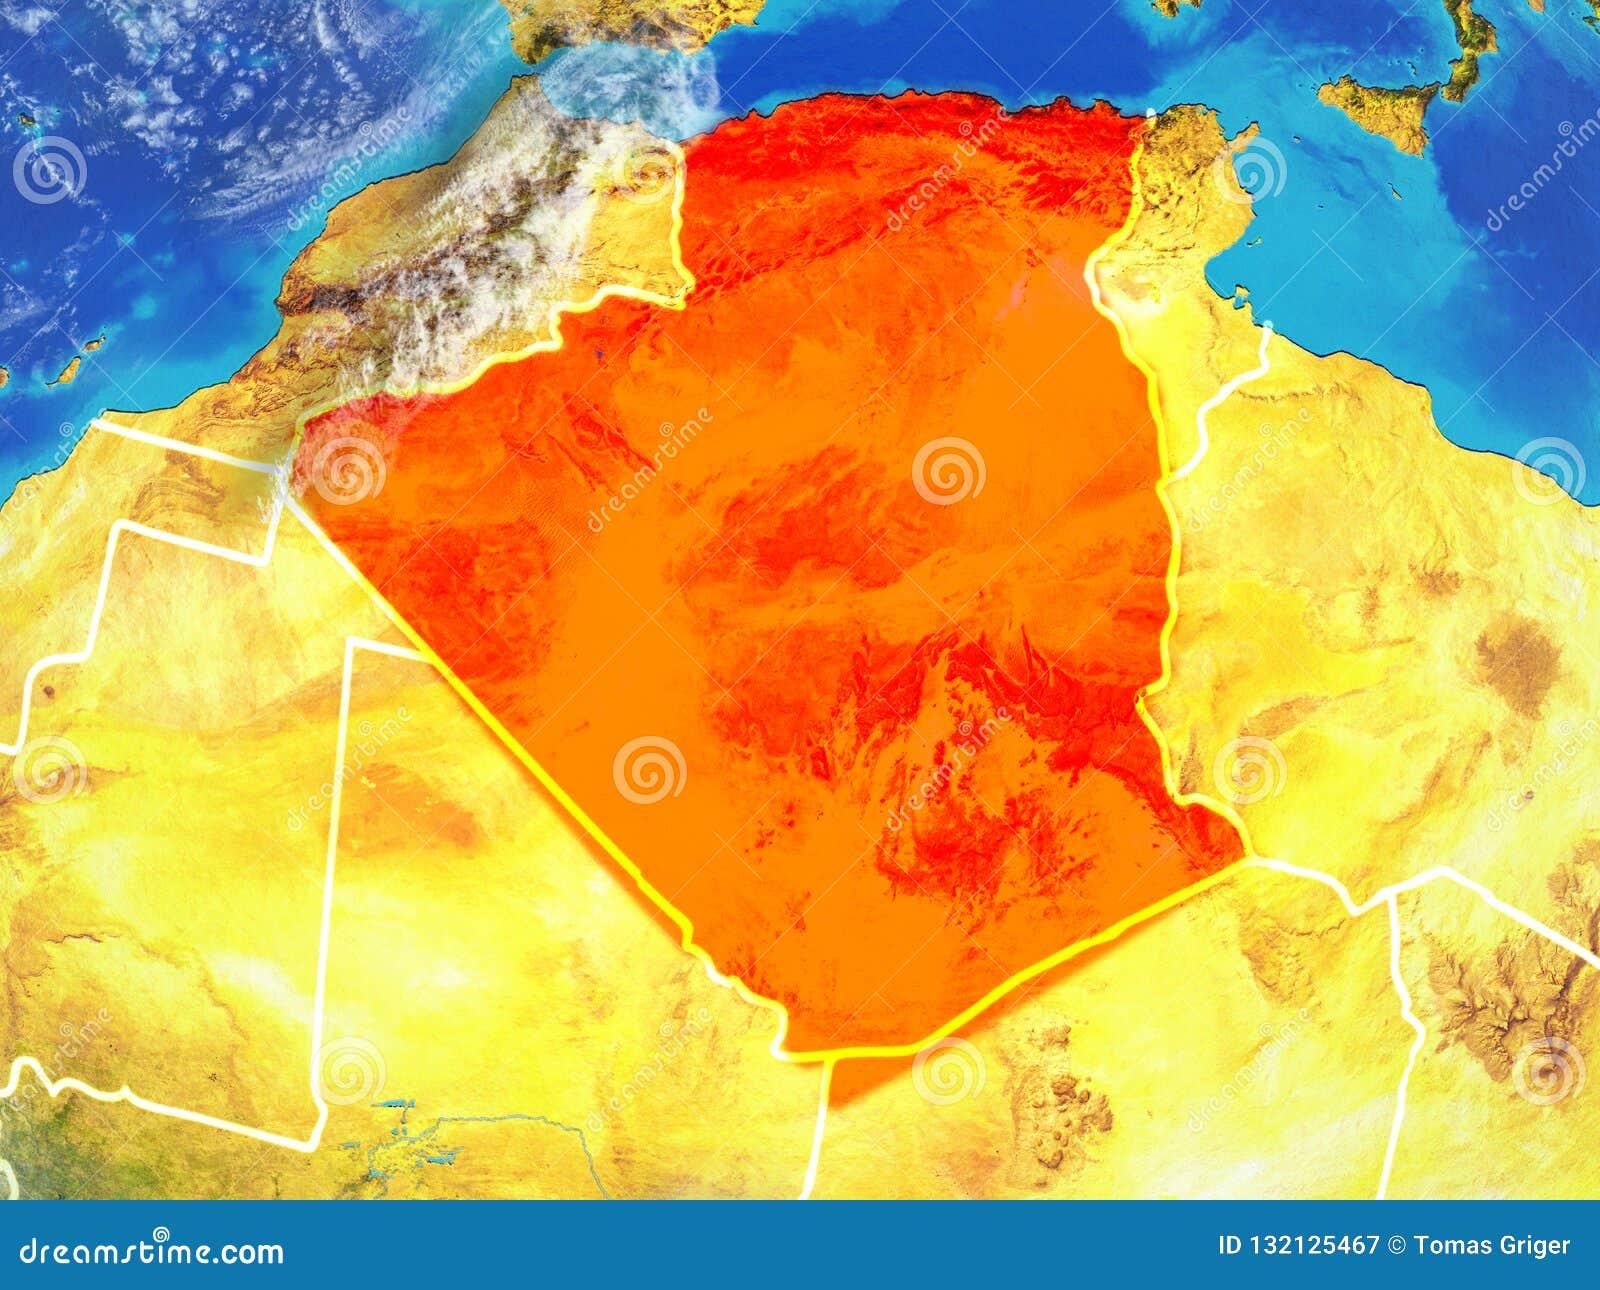 Algerien auf Erde vom Raum